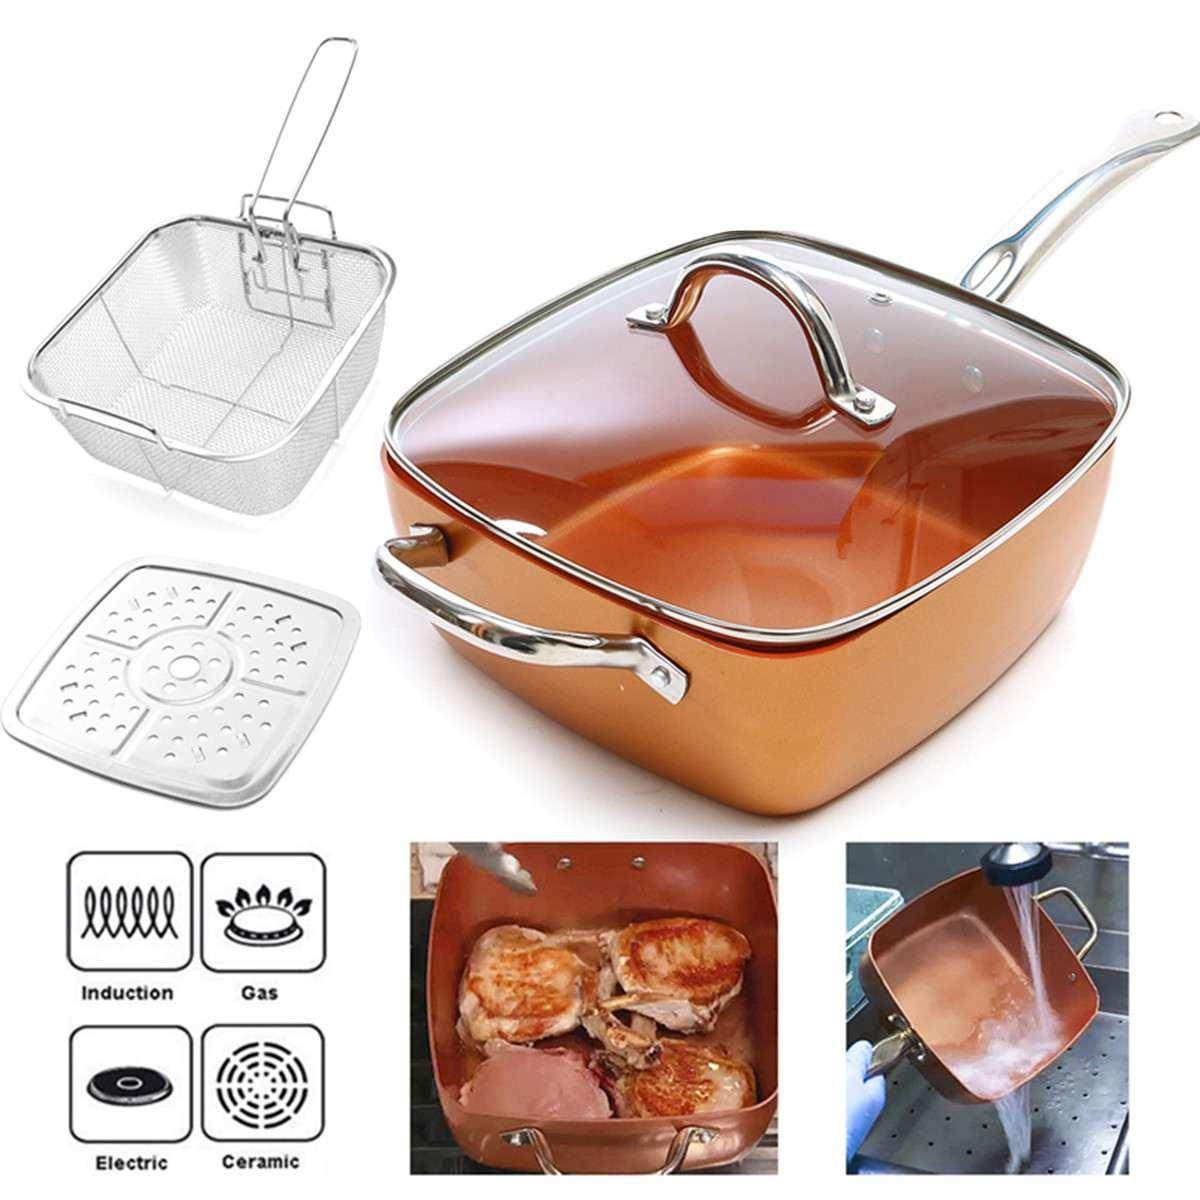 Poêle antiadhésive en céramique casserole carrée en cuivre Induction Chef couvercle en verre panier à frire panier à vapeur 4 pièces ensemble 9.5 pouces utilisé dans l'induction